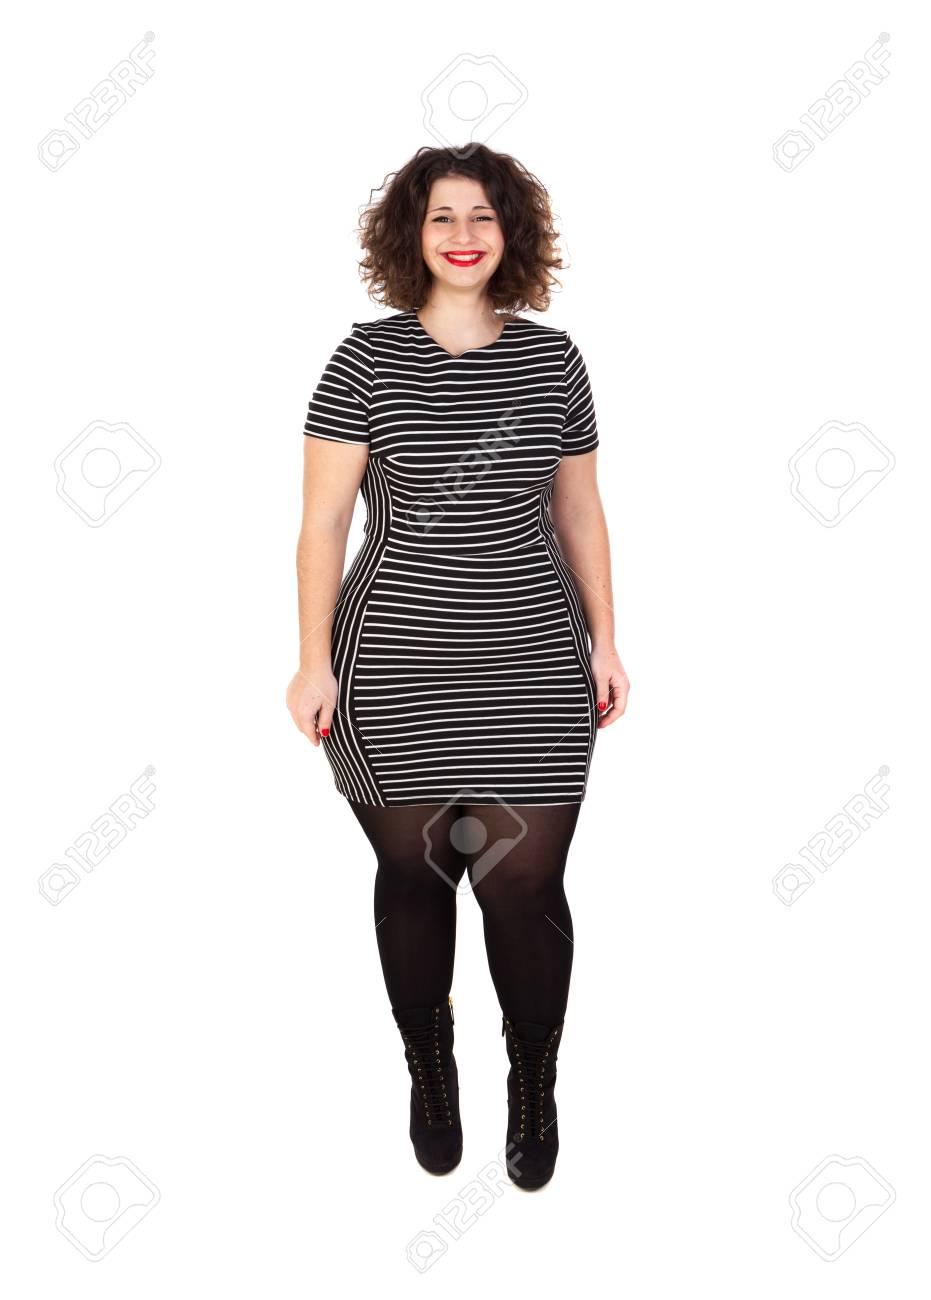 Midget girls first anal porn